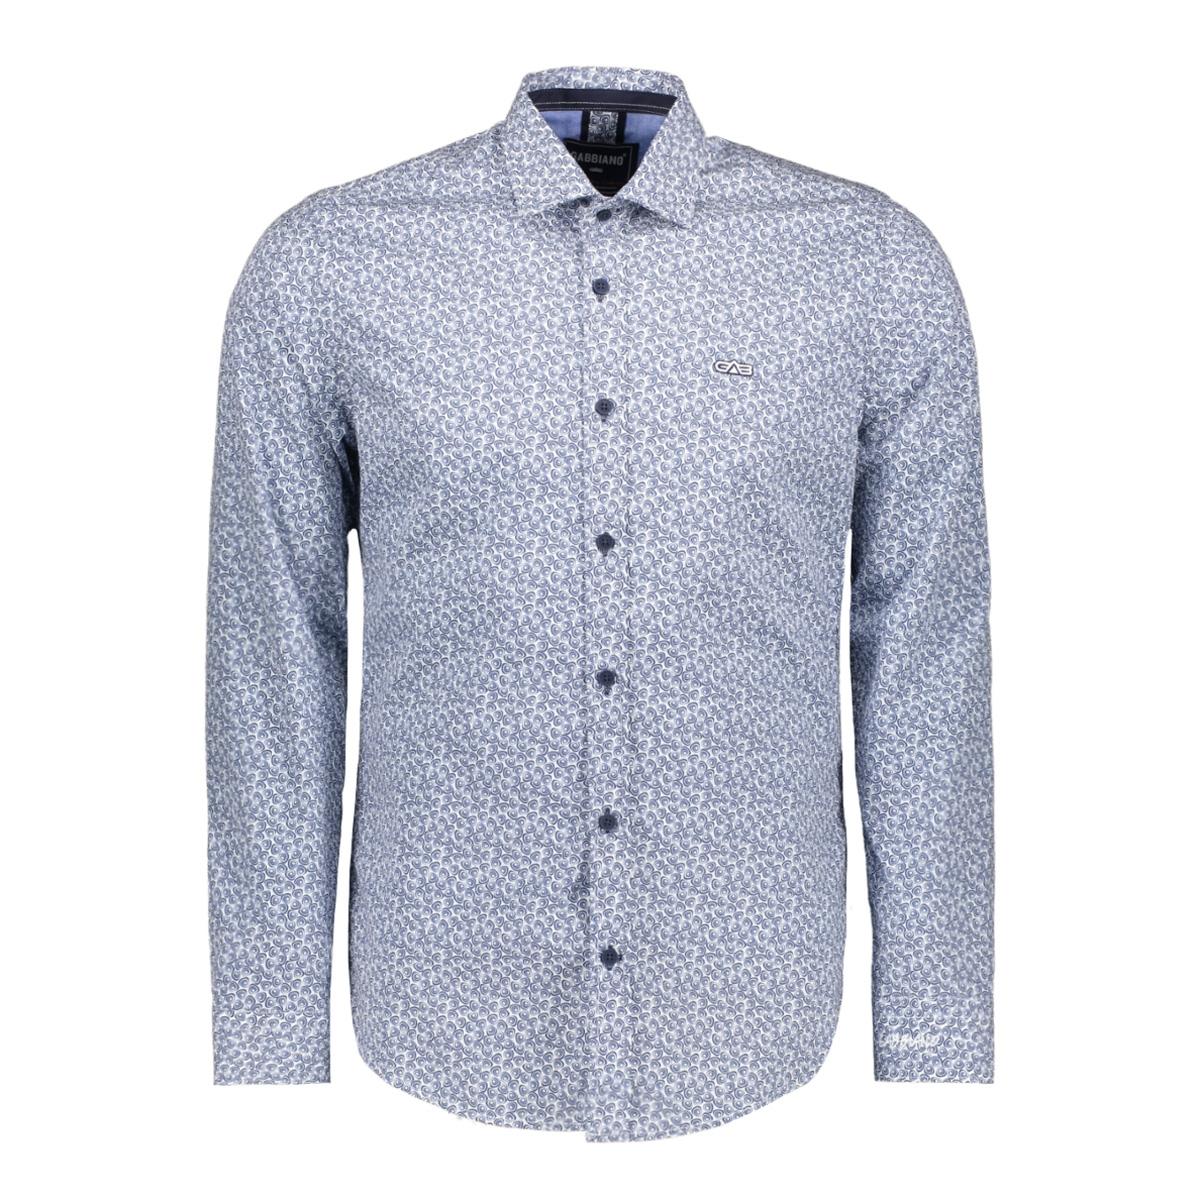 32681 gabbiano overhemd 30